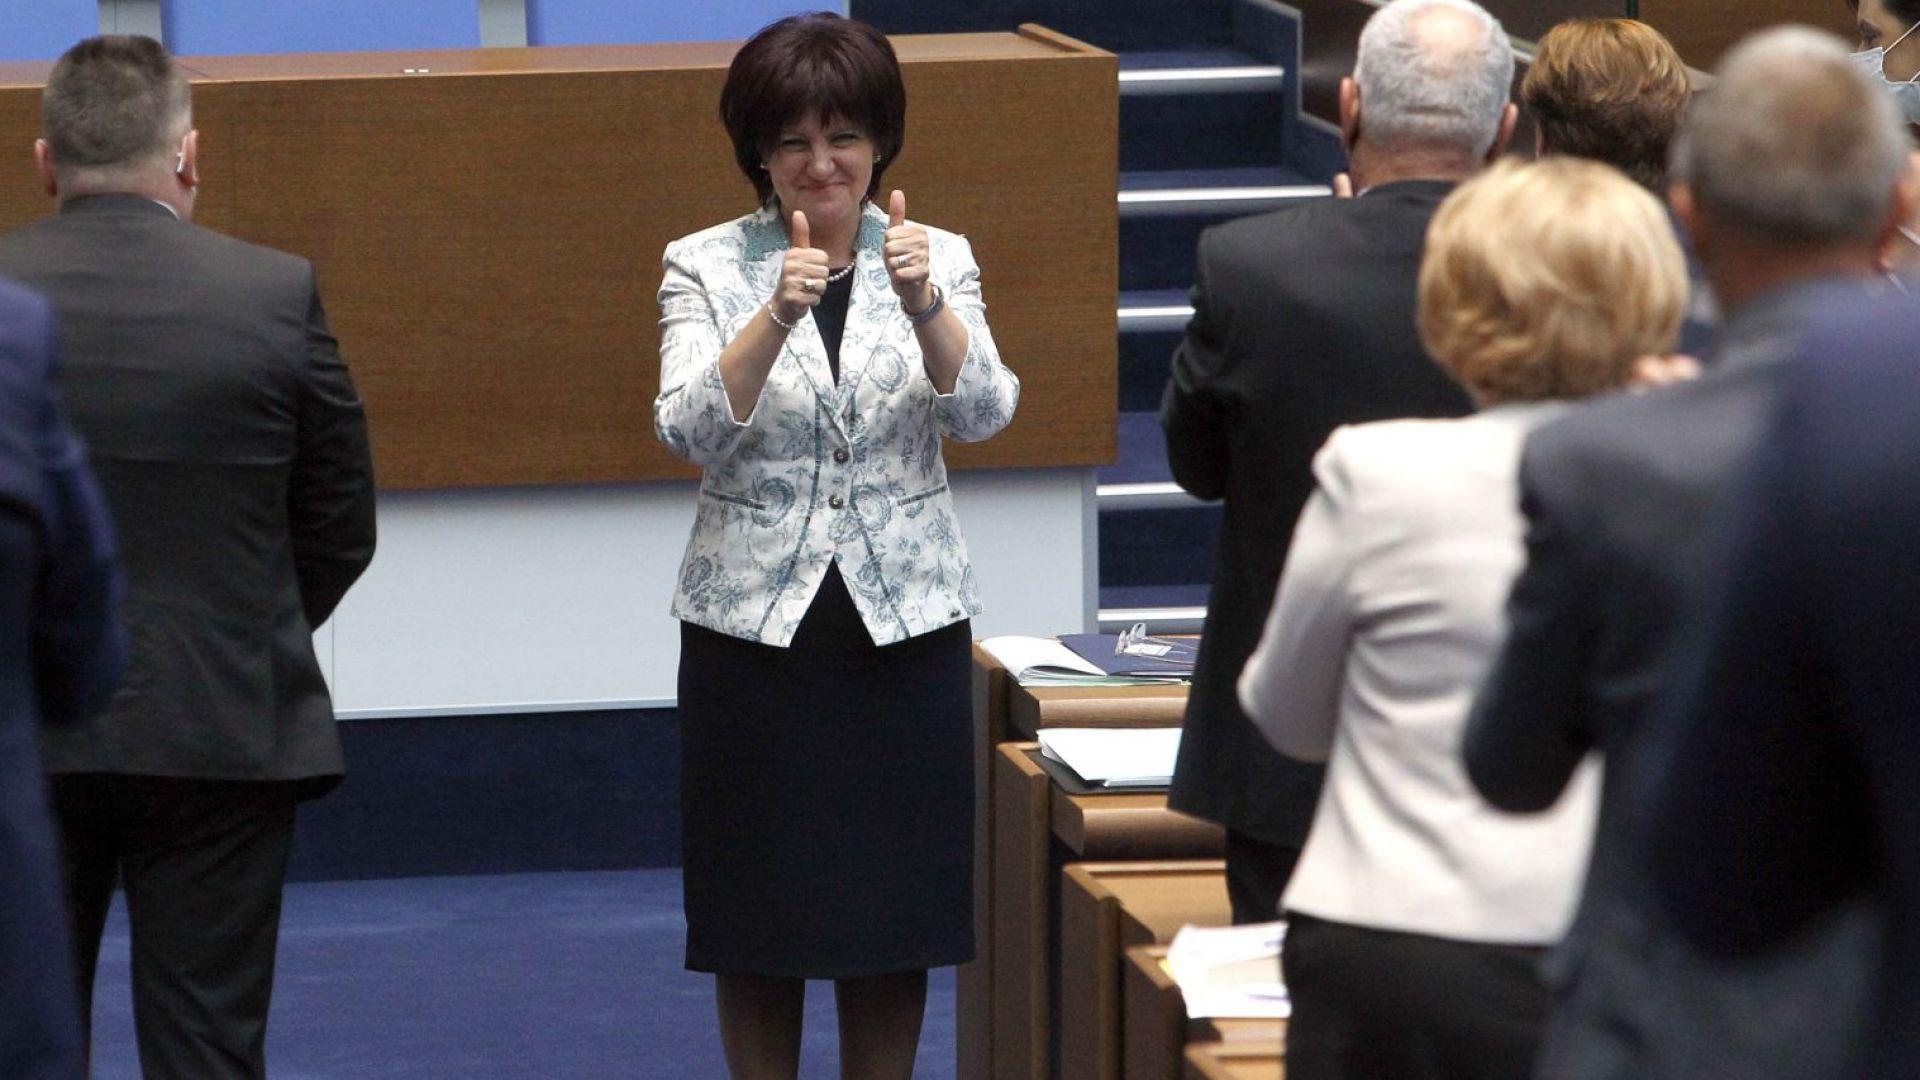 Очаквано: БСП и ДПС не успяха да свалят Цвета Караянчева, ГЕРБ ѝ подари цветя (снимки)